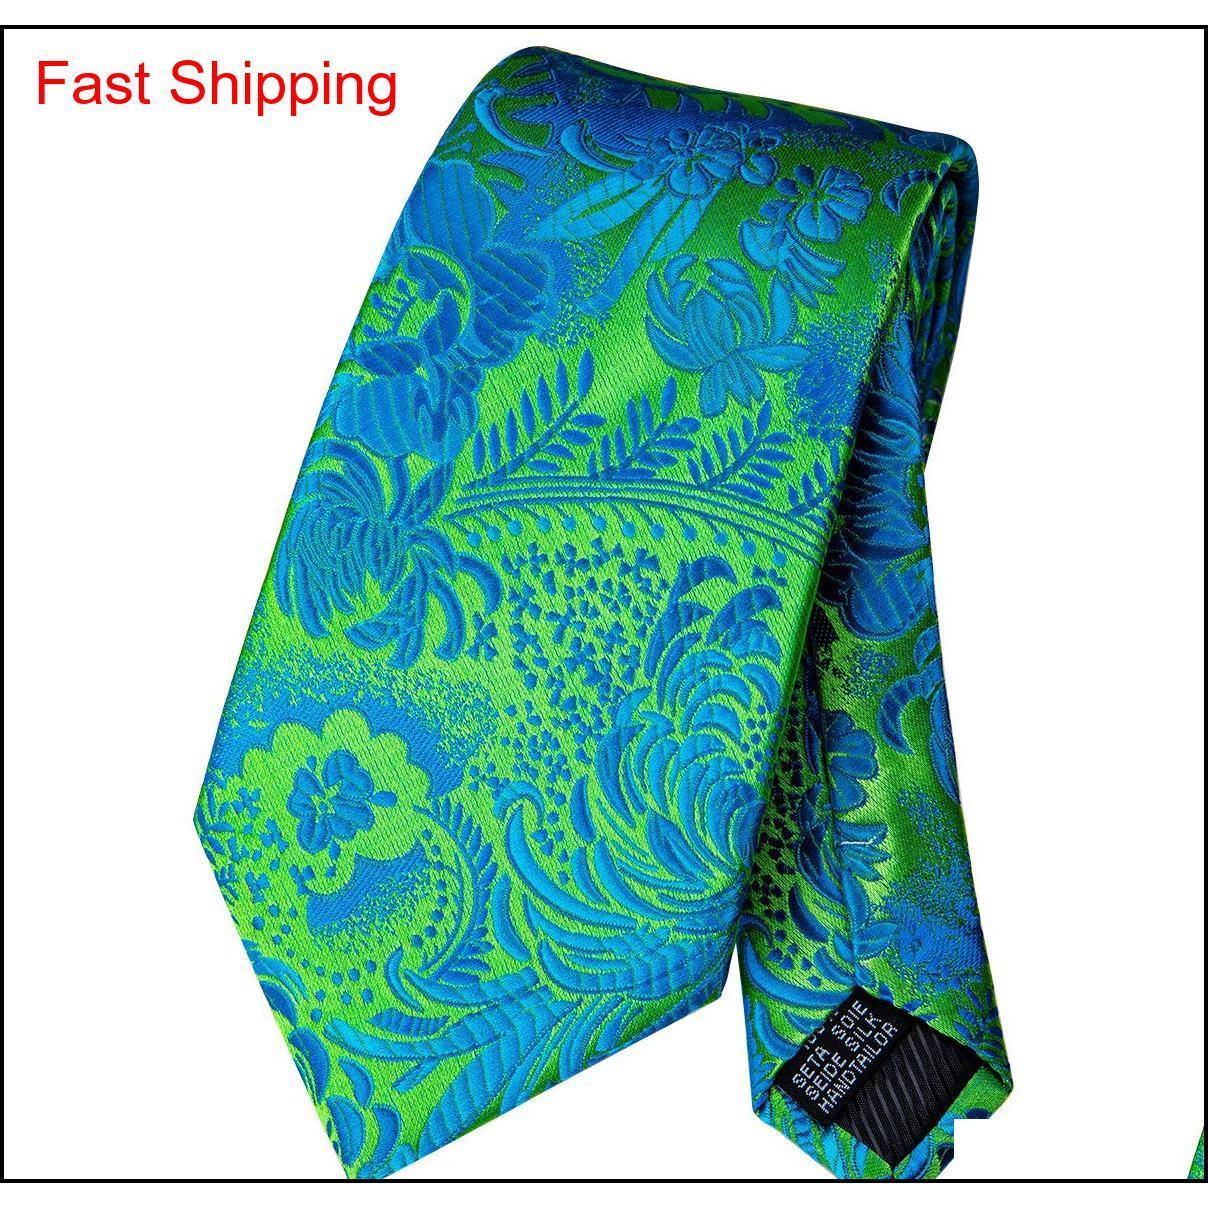 Hızlı Kargo Çiçek Kravat Yeşil Bule Hanky Kol Düğmeleri Setleri Erkekler Için Erkekler 100% Ipek Kravatlar Örgün Düğün Qyliln Homes2007